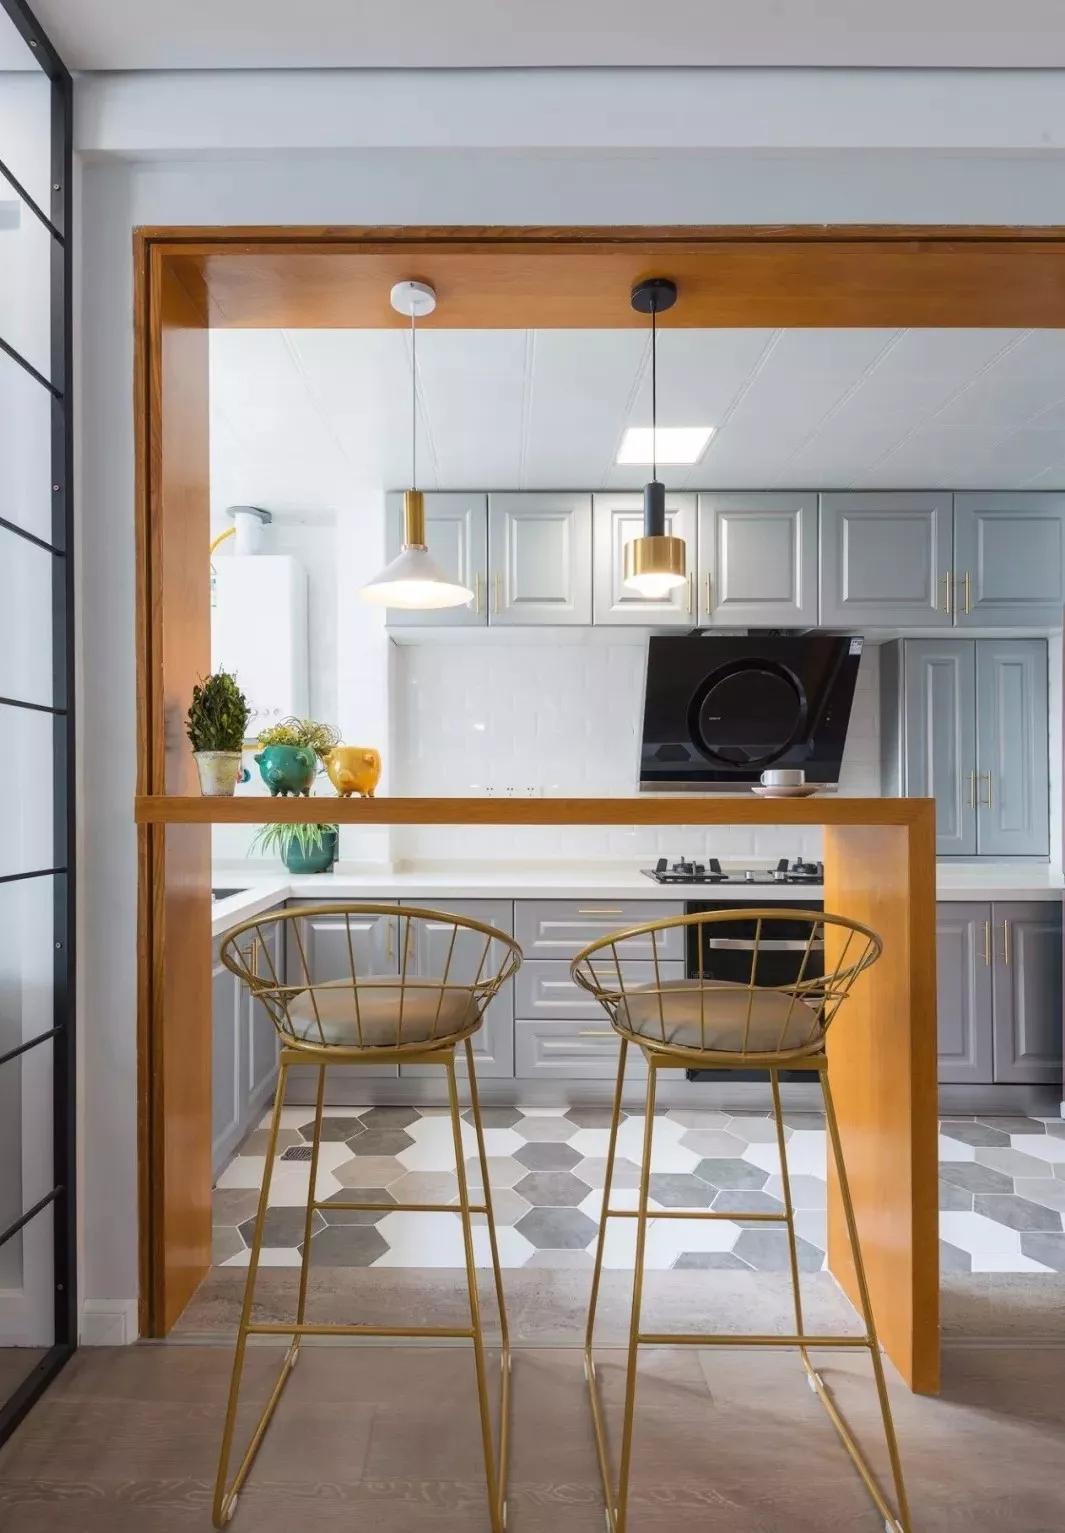 开放式厨房现如今越受欢迎,吧台设计不仅有效隔离功能区,而且更是饮茶品咖啡聊天的惬意之地。